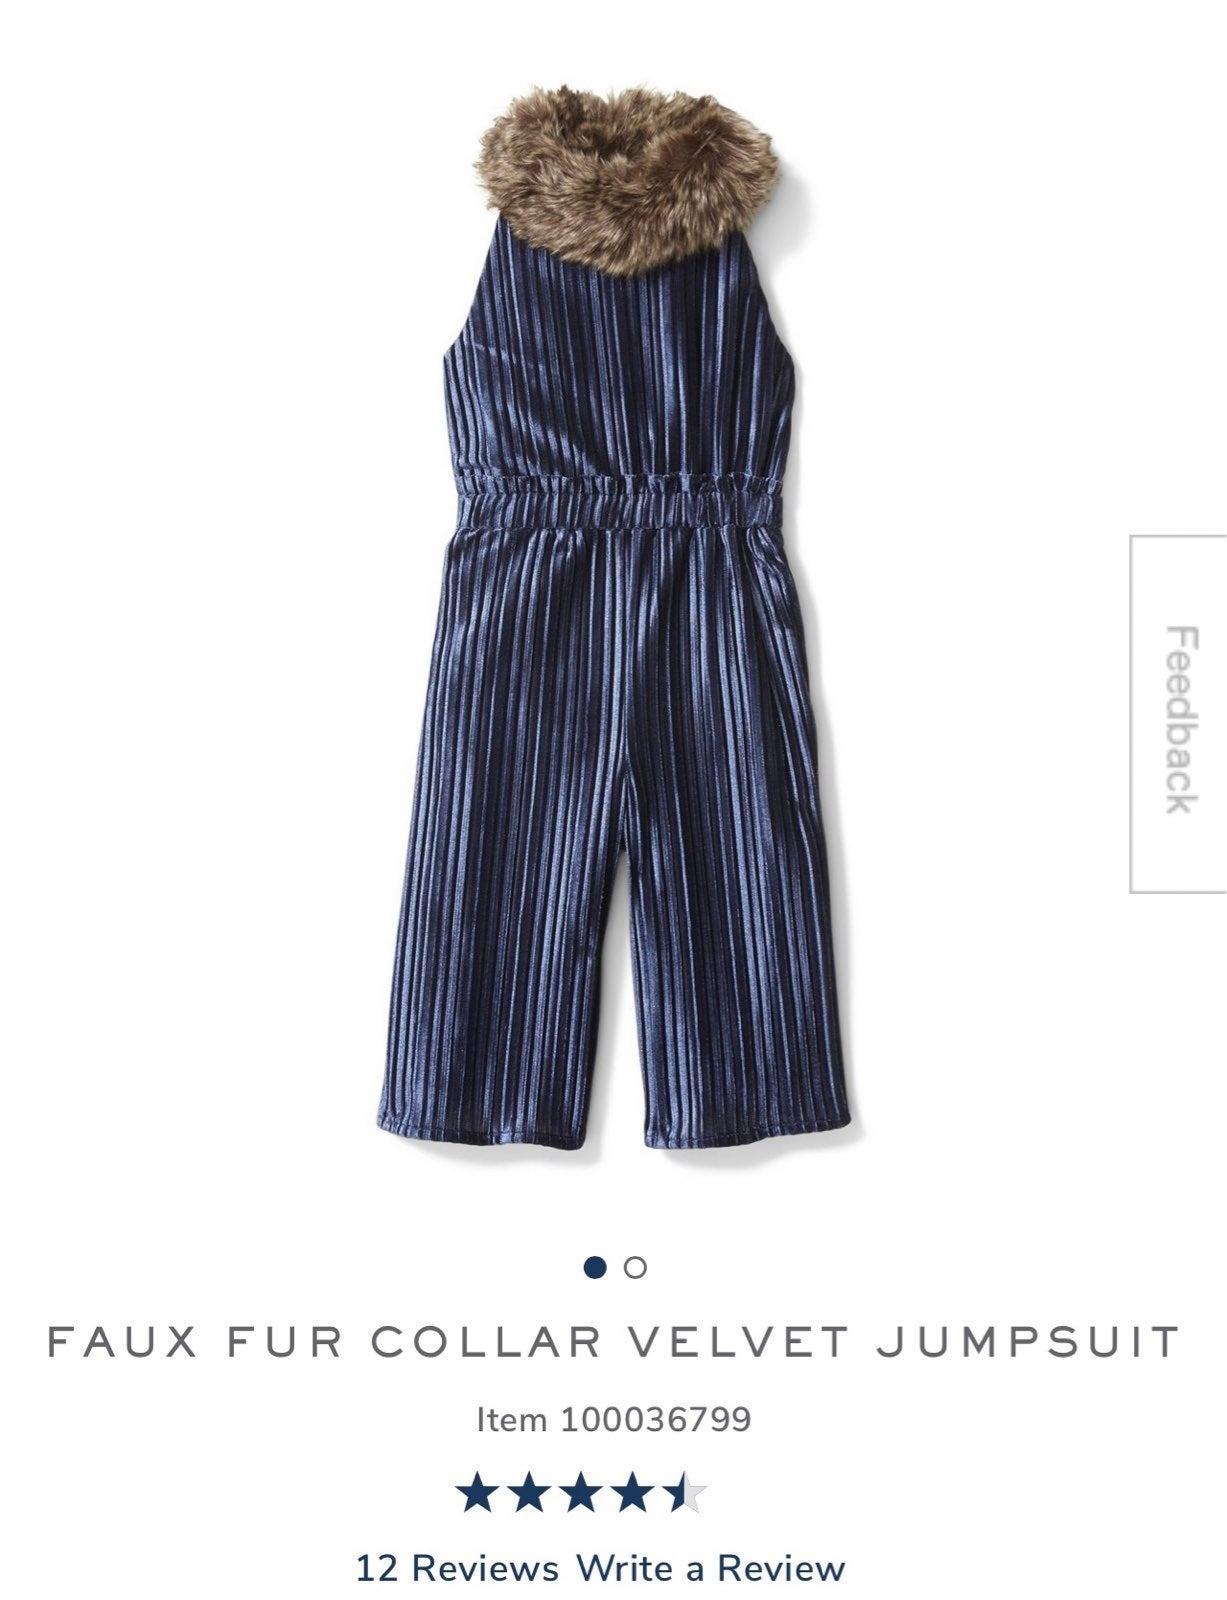 Faux Fur Janie and Jack Jumpsuit